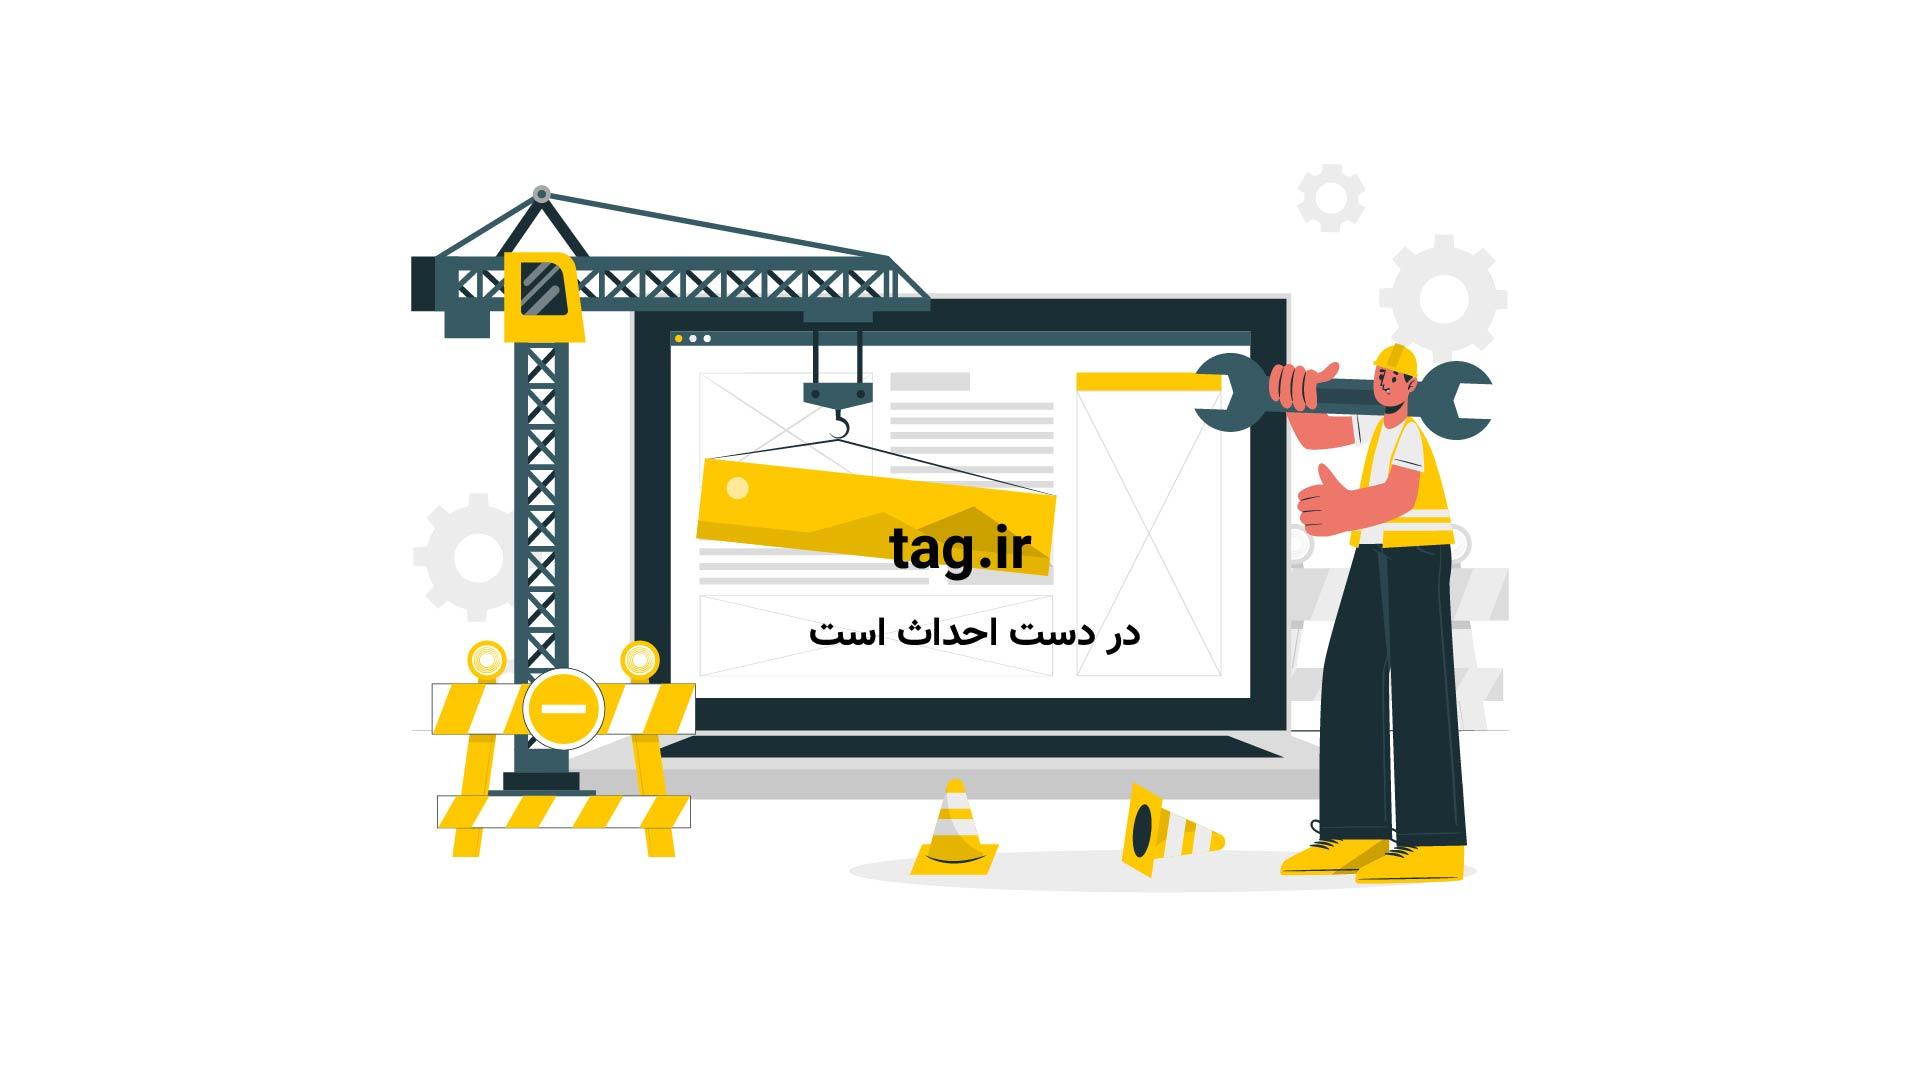 دفاع محمدرضا شریفینیا از حضورش در فیلمهای مختلف | فیلم